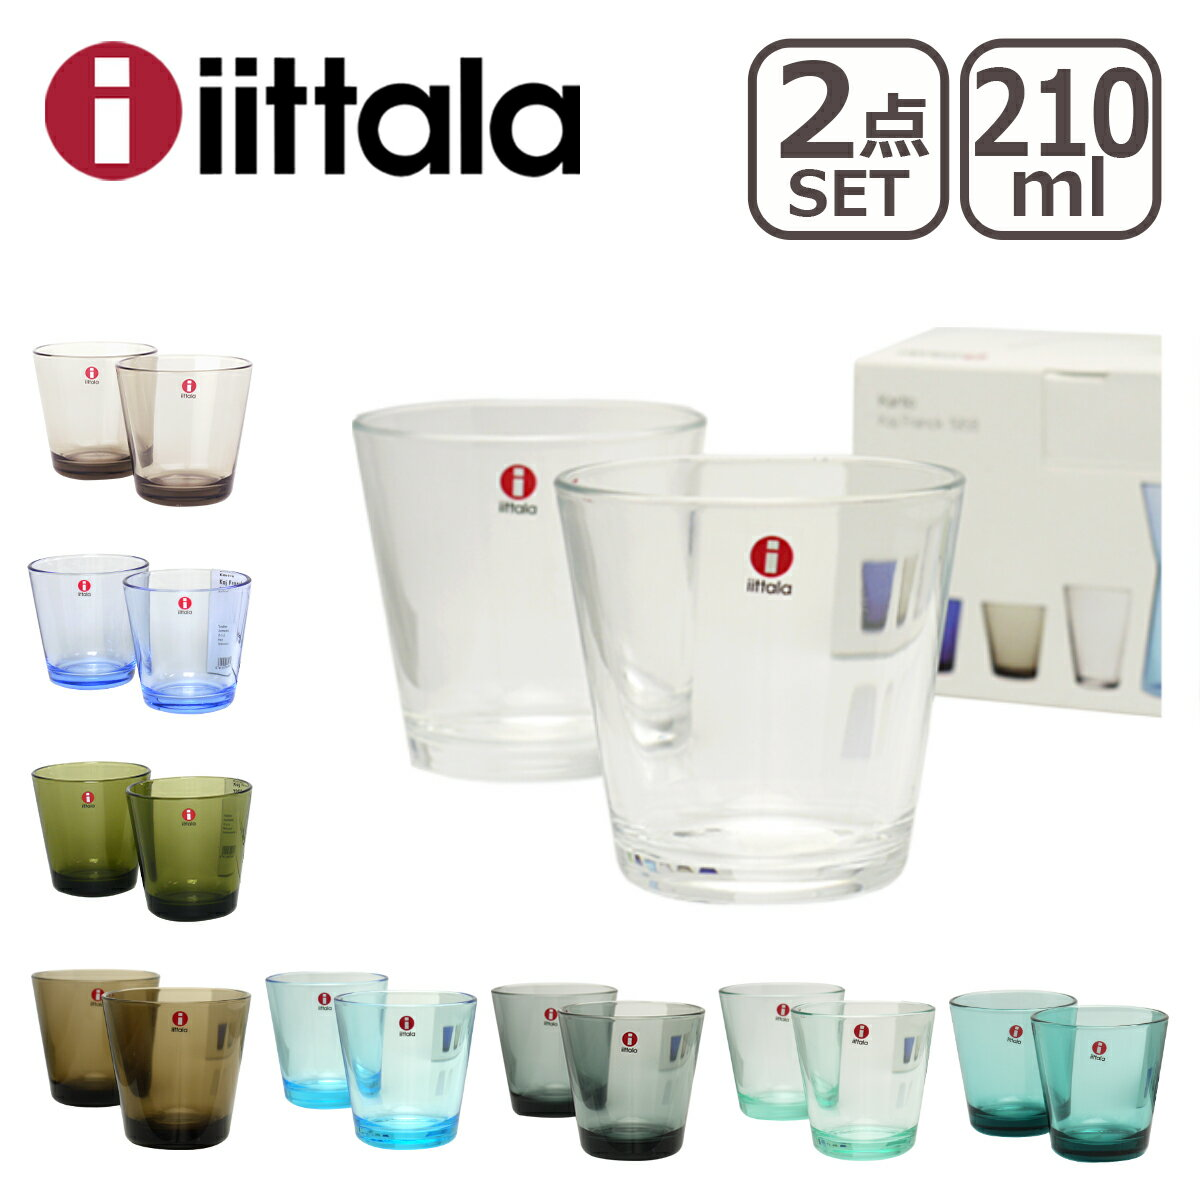 イッタラ (iittala) Kartio(カルティオ) グラス 2個セット 210ml 選べるカラー タンブラー (Glass) イッタラ ittala ギフト・のし可